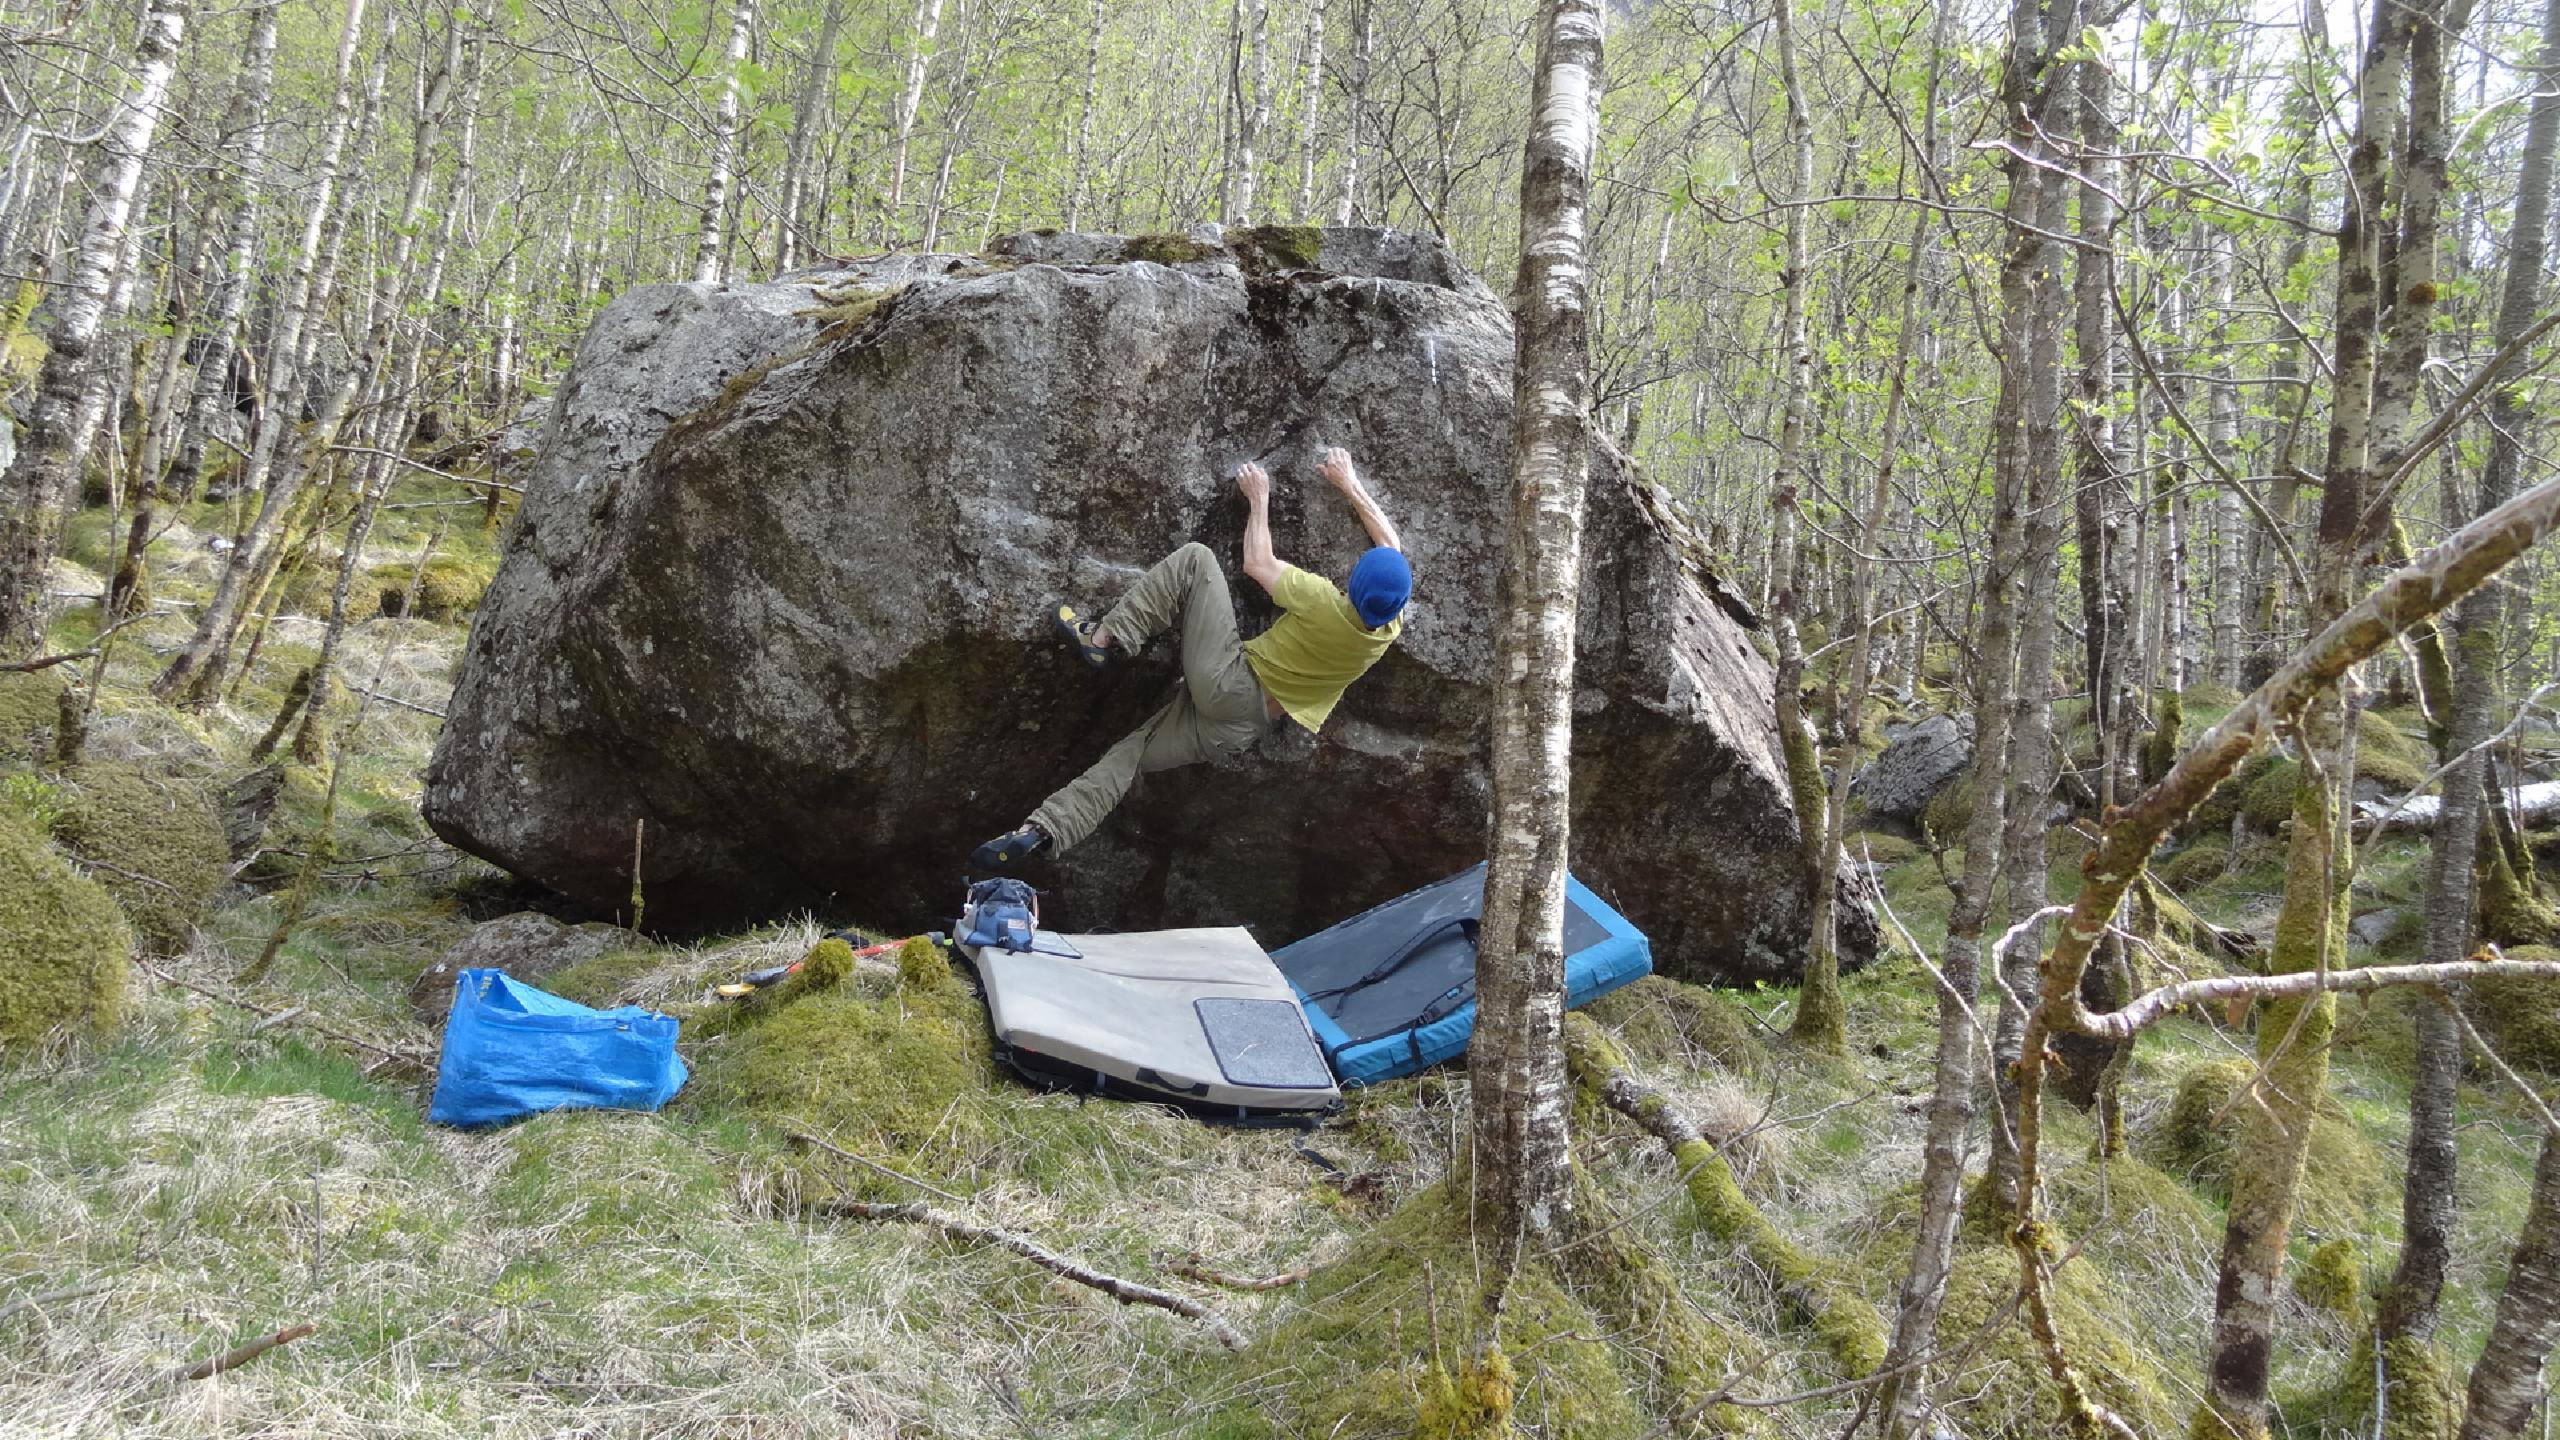 photographer: Kjell Jabjør, in photo: Kjell Jabjør